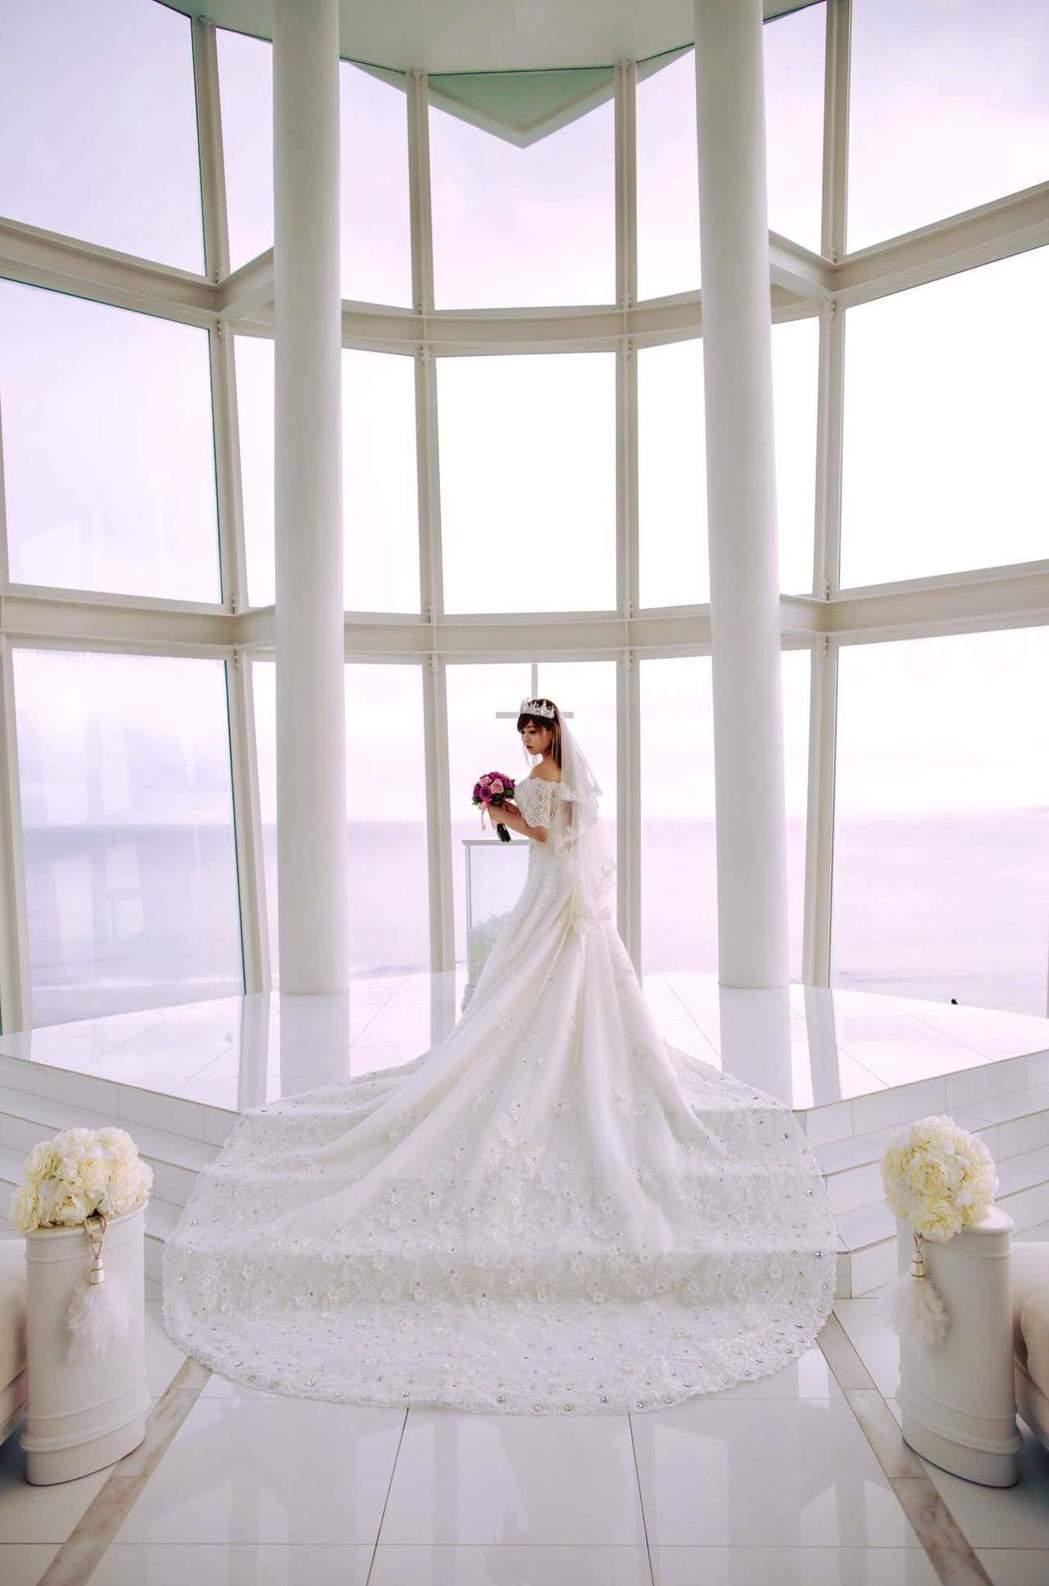 小小瑜在美國完婚。圖/摘自小小瑜臉書